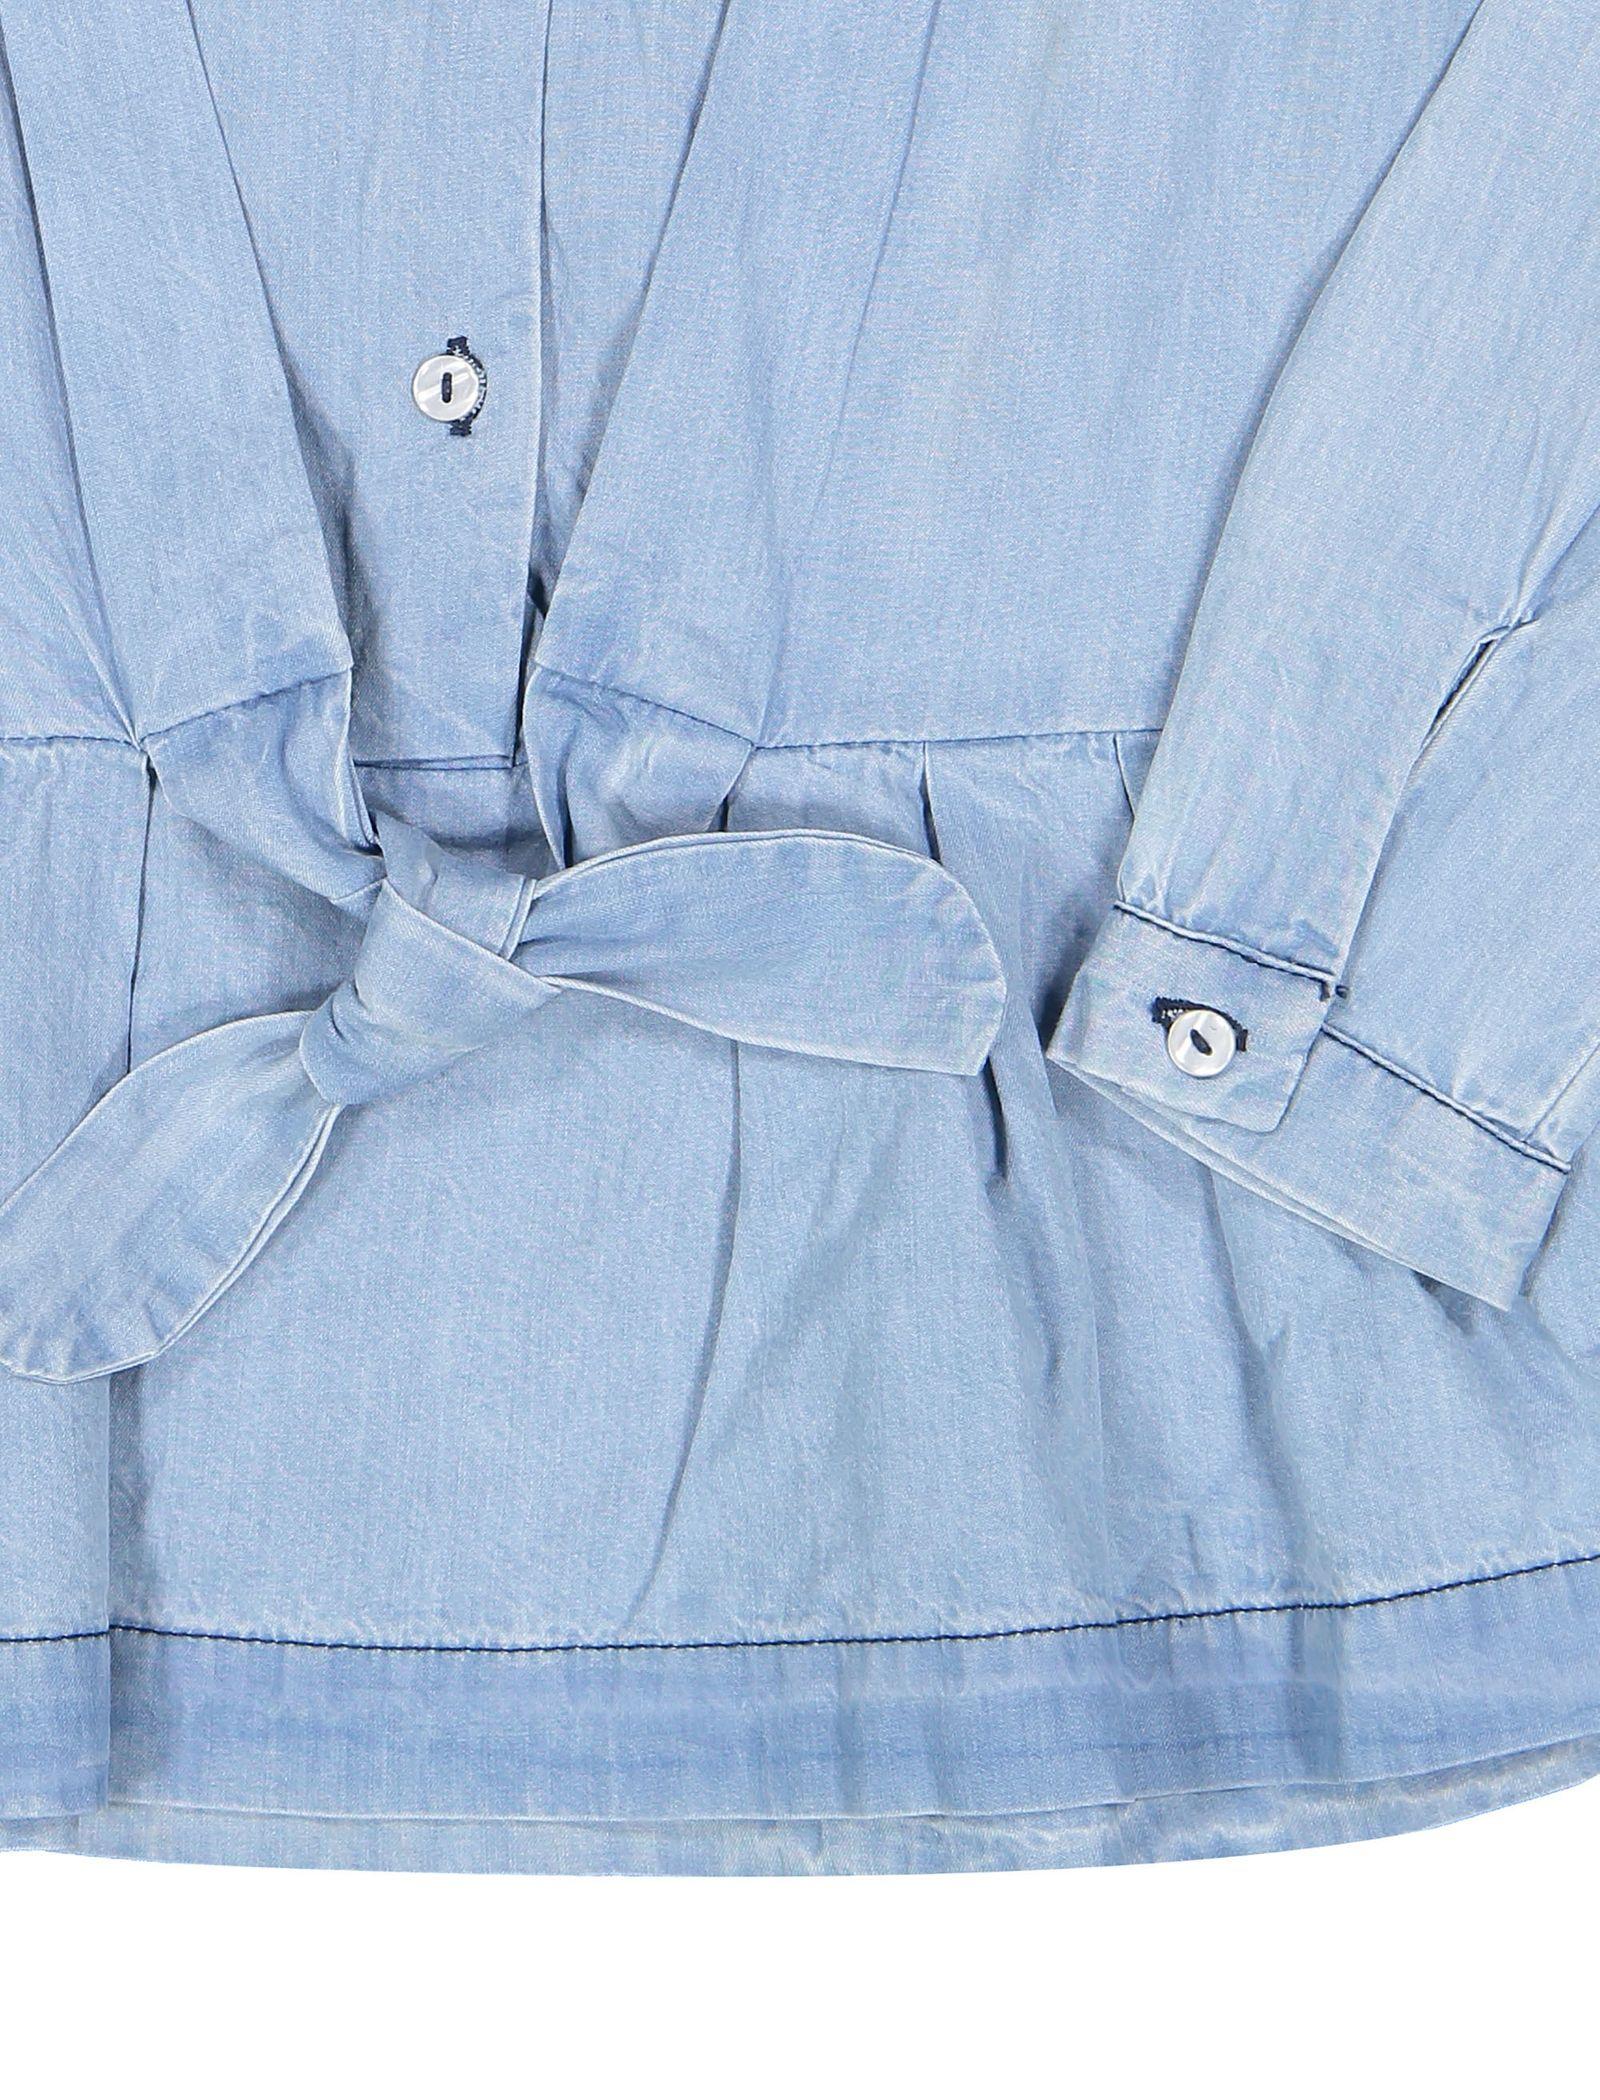 پیراهن نخی روزمره دخترانه - بلوکیدز - آبي روشن - 3